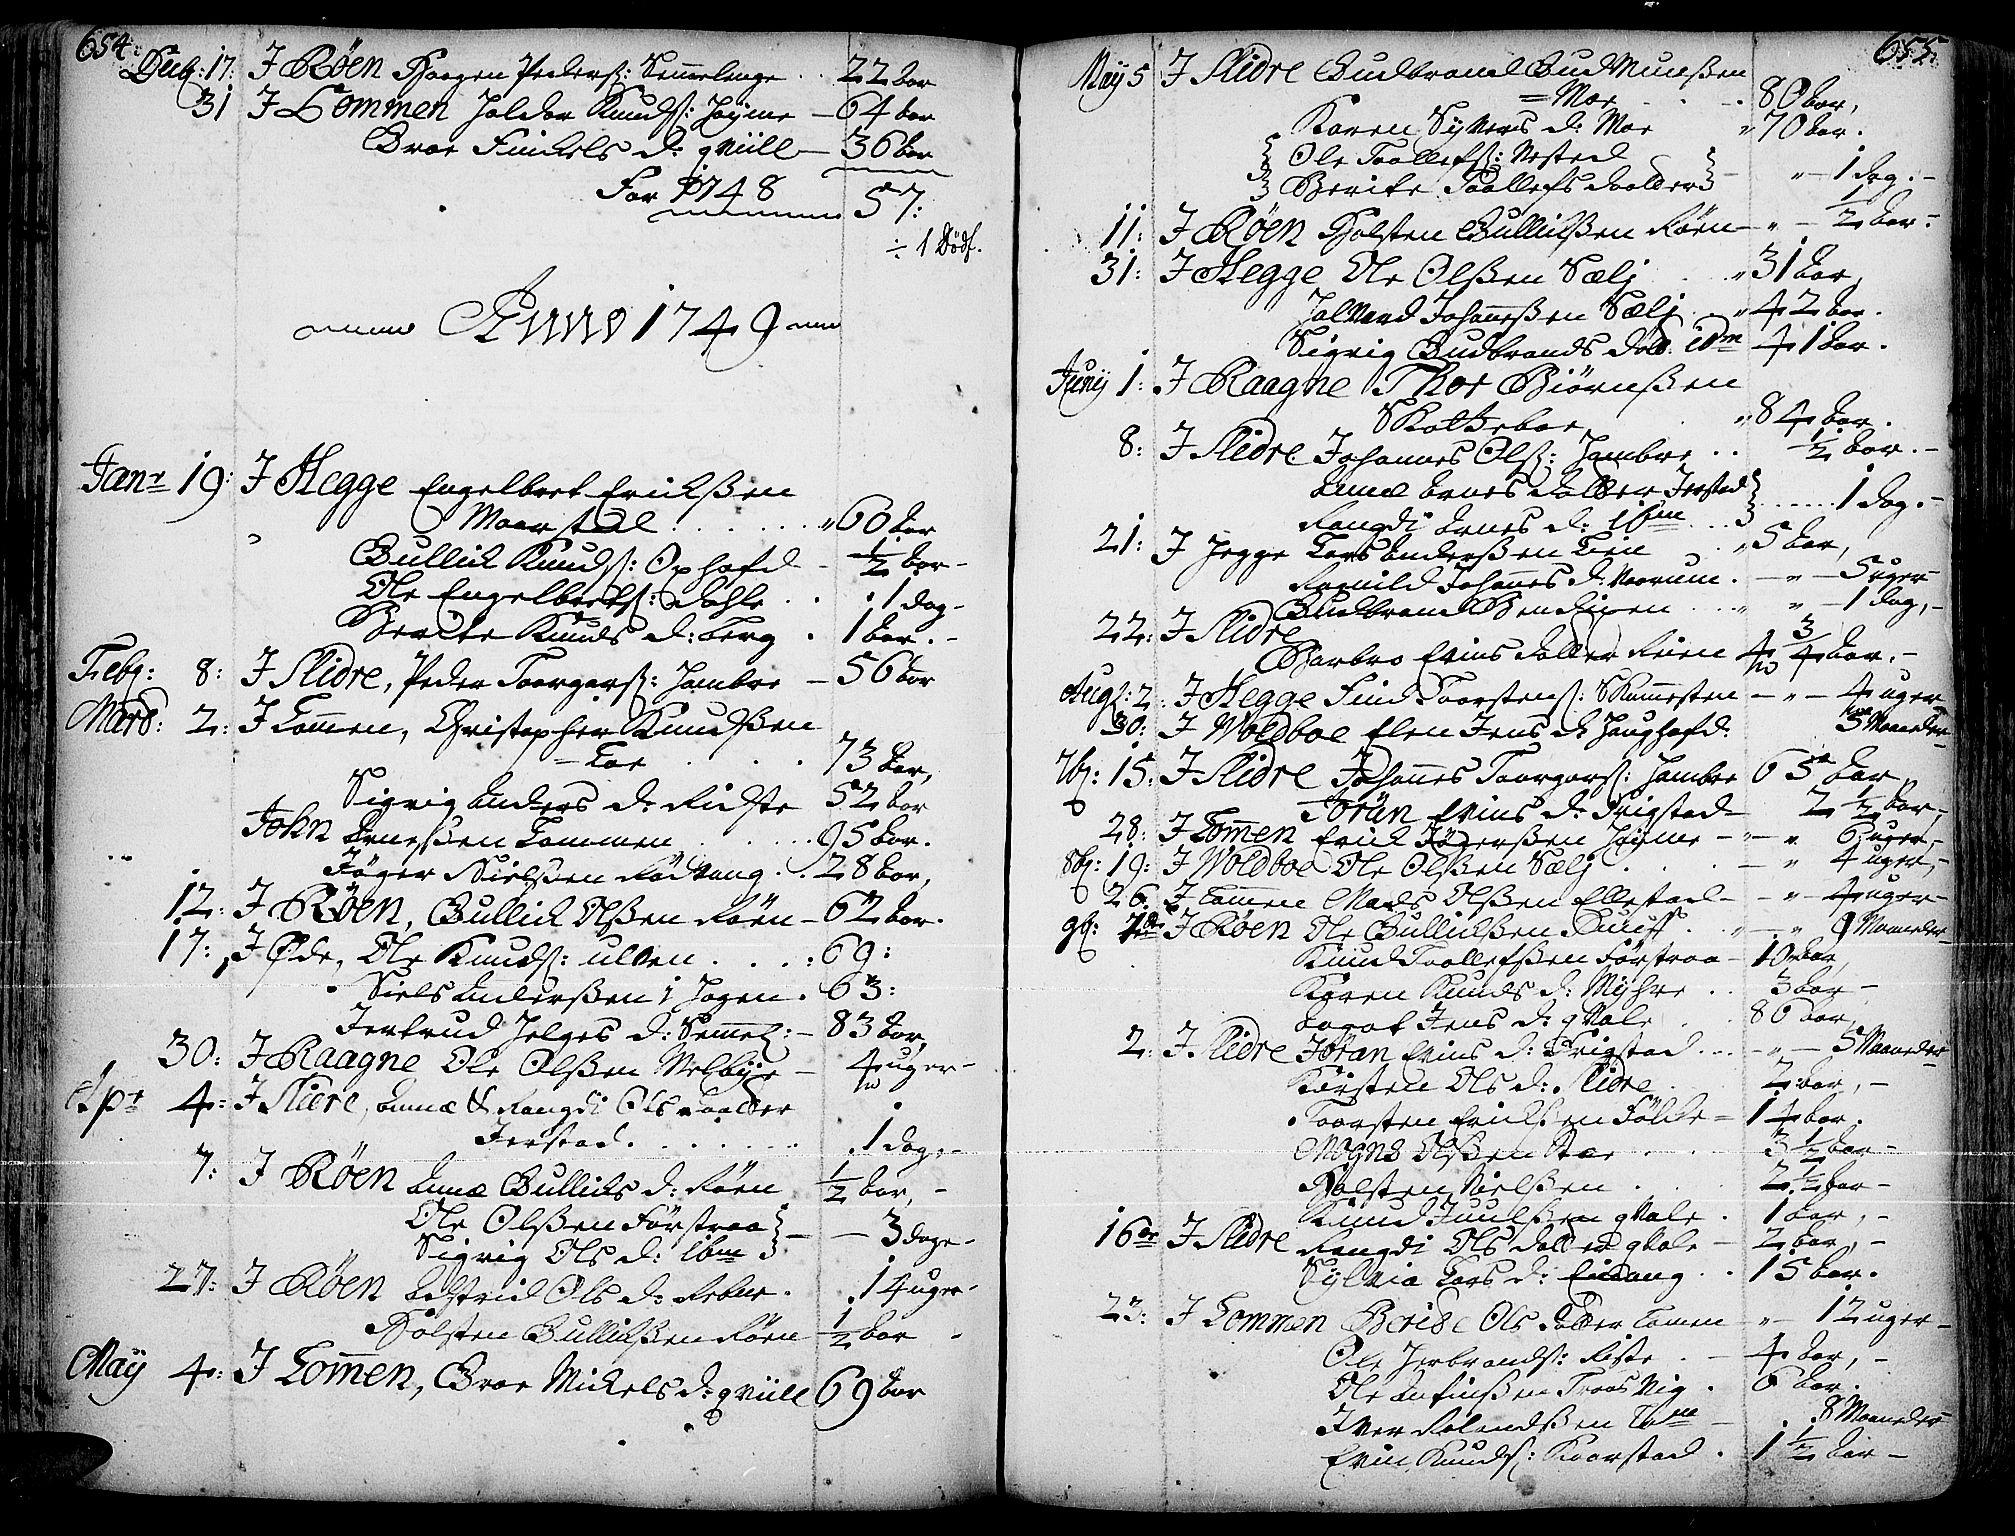 SAH, Slidre prestekontor, Ministerialbok nr. 1, 1724-1814, s. 654-655